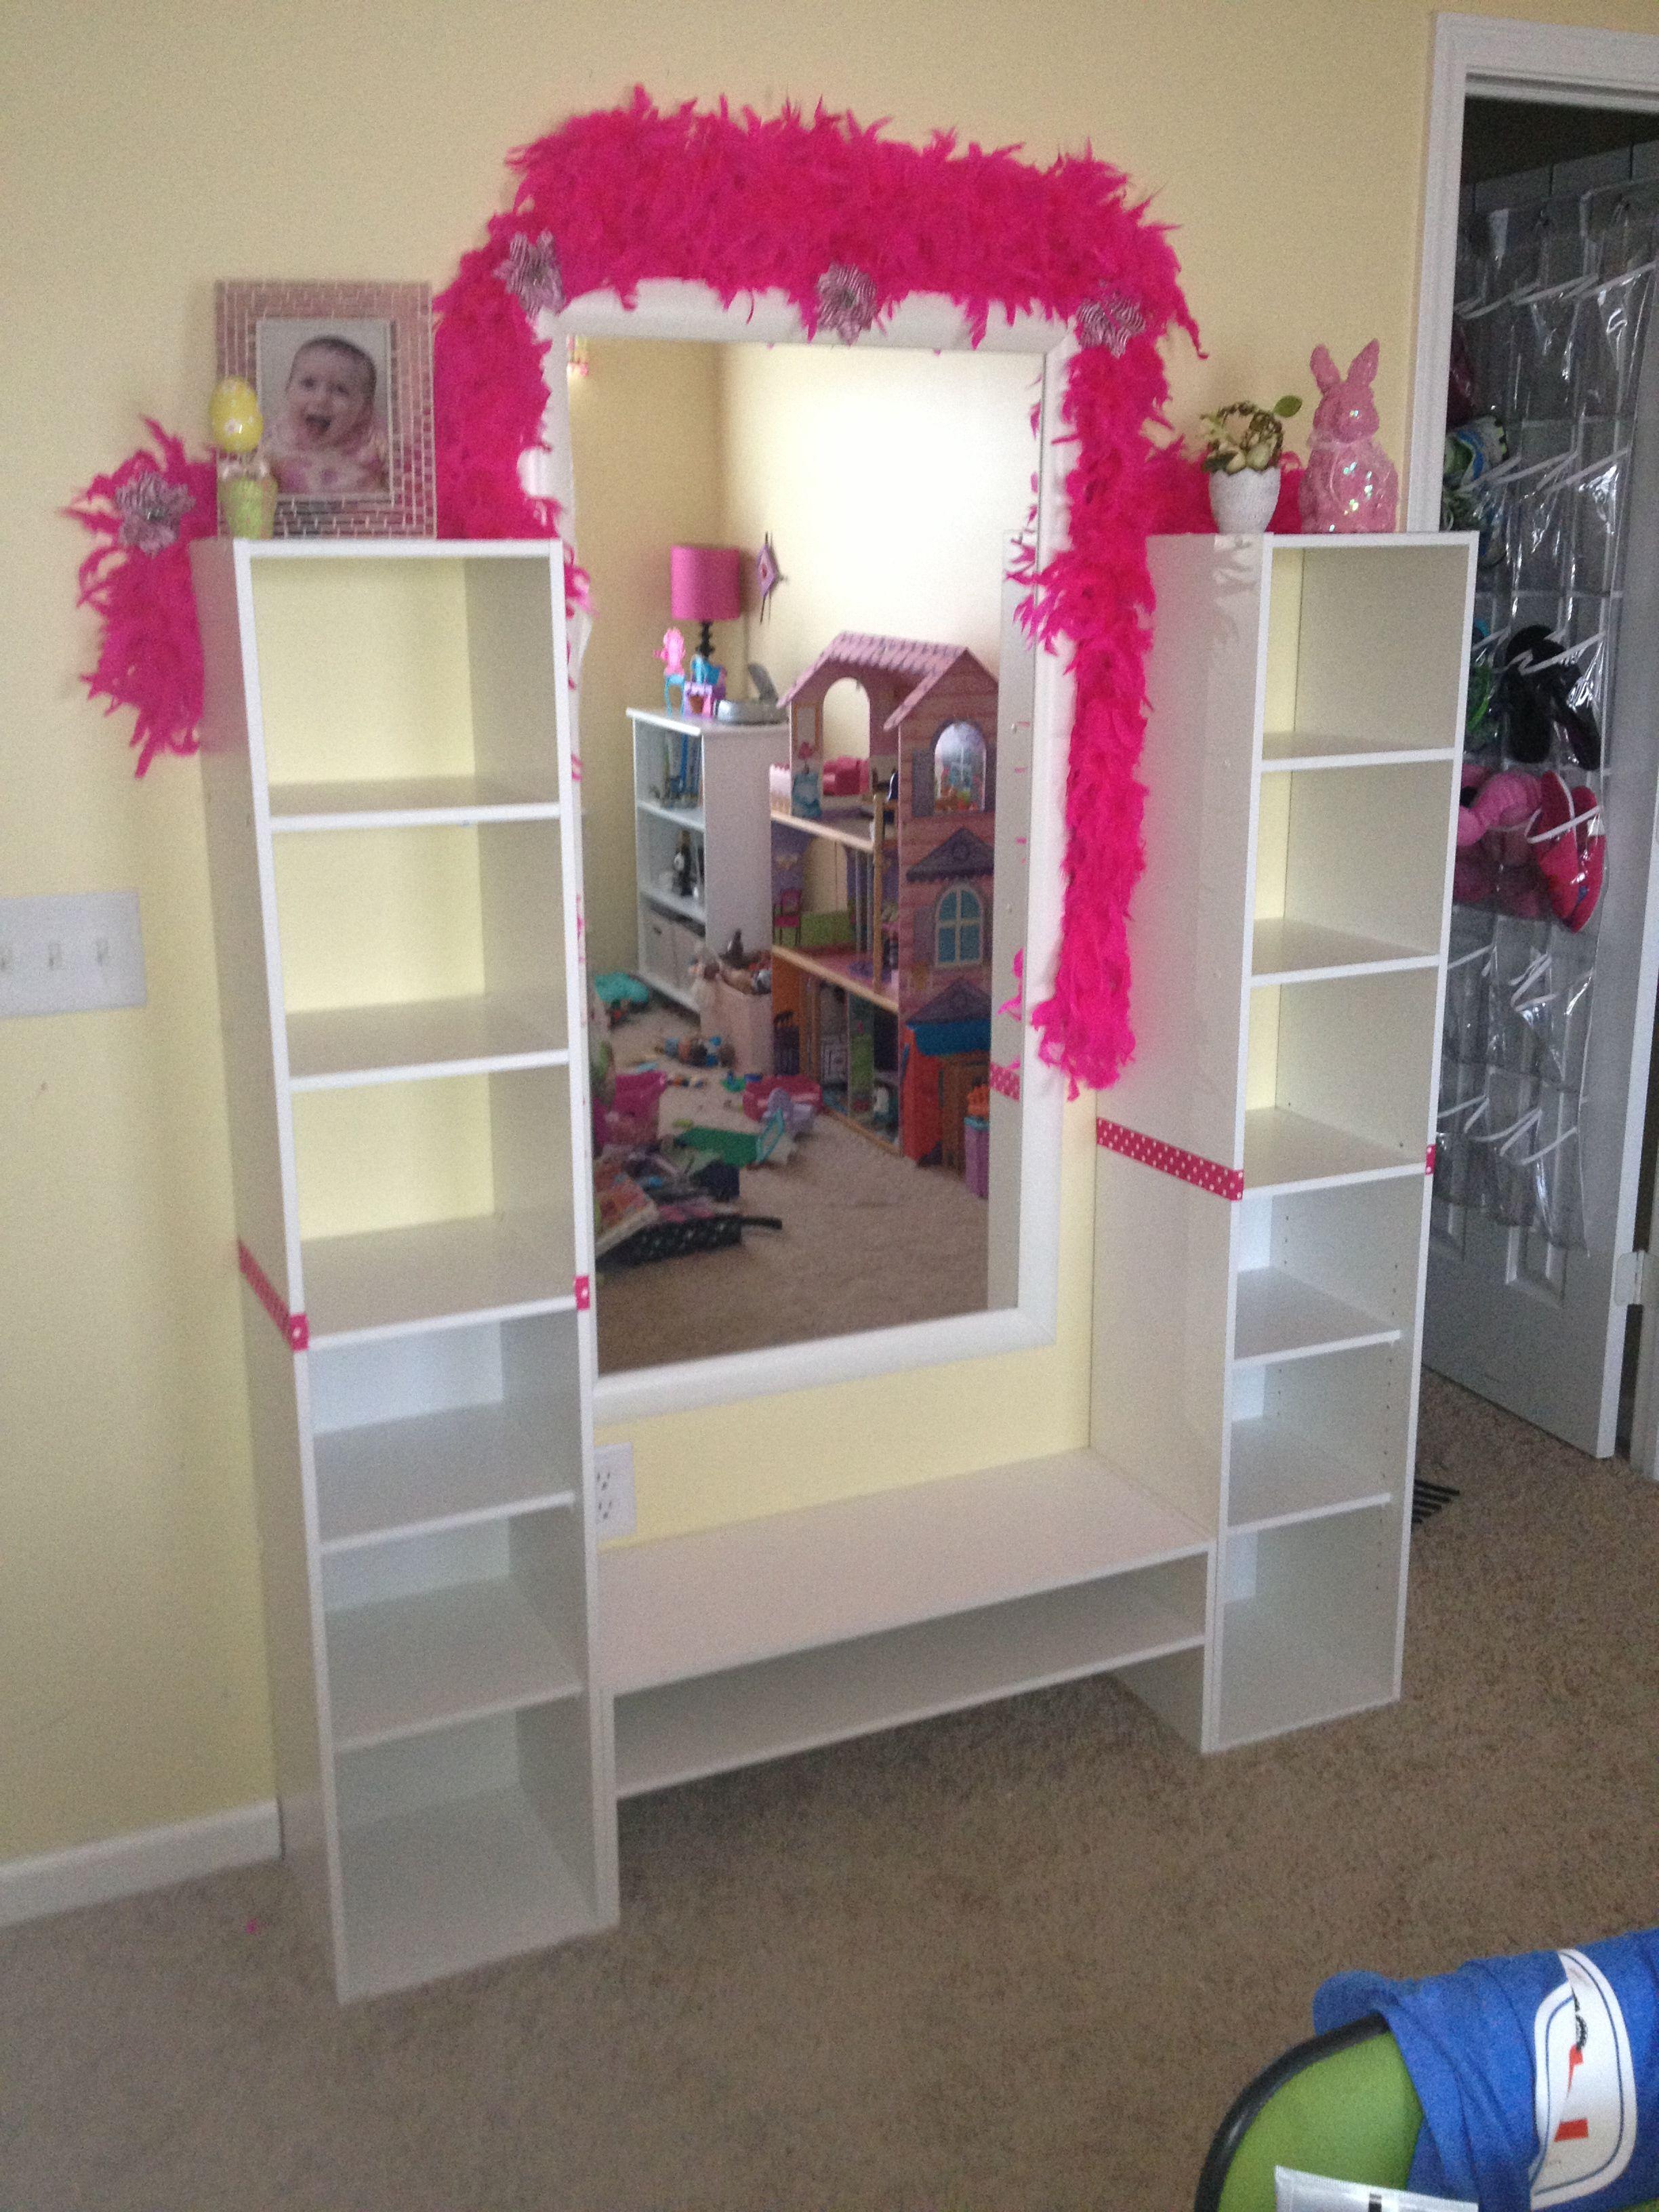 Good Enough Diy Memo Wall Boards And Mirror Wall Mirror Wall Diy Beauty Storage Padded Wall